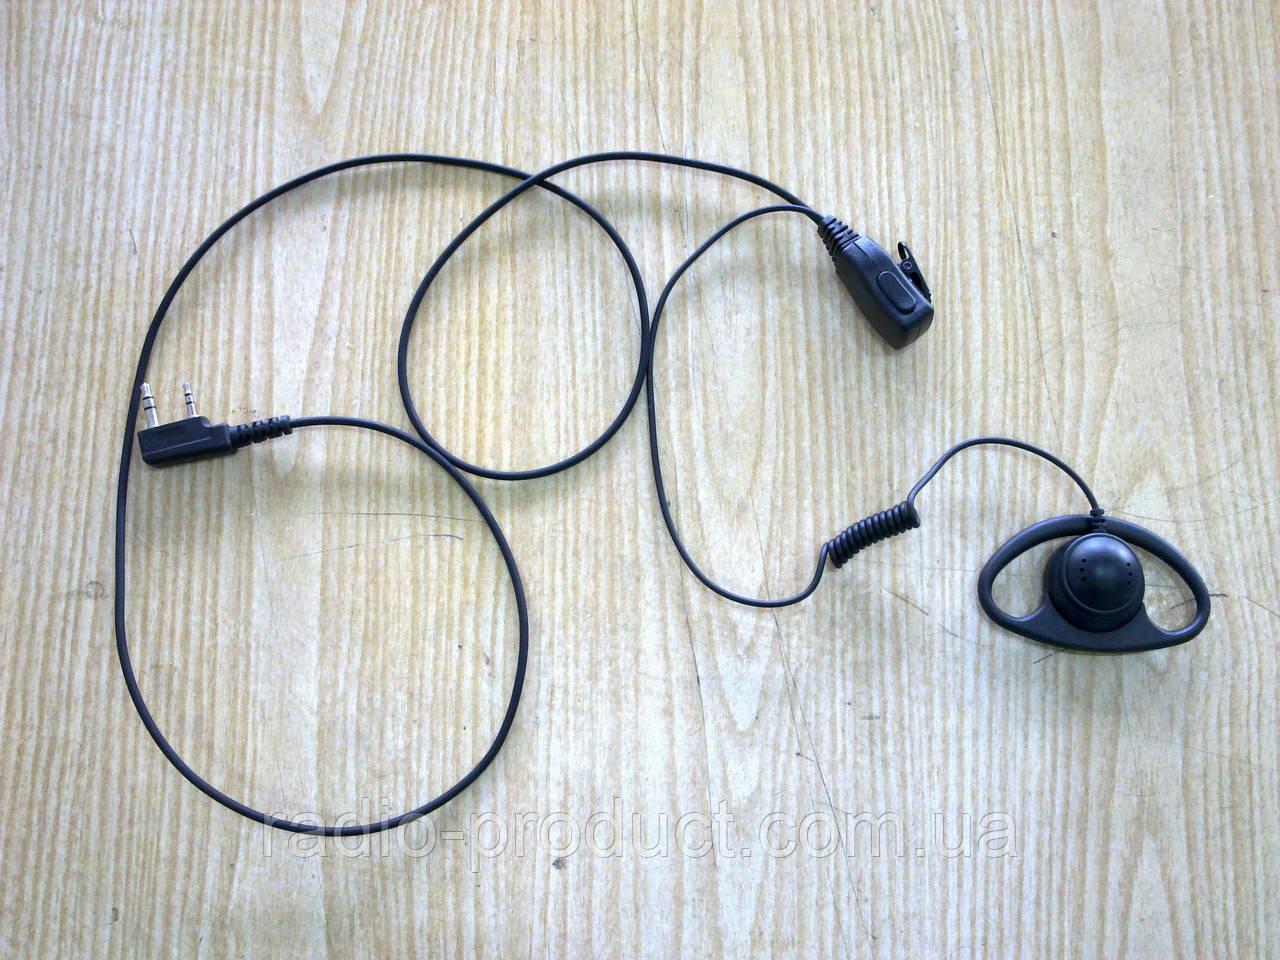 Гарнитура для радиостанции однопроводная EP-0407 K2